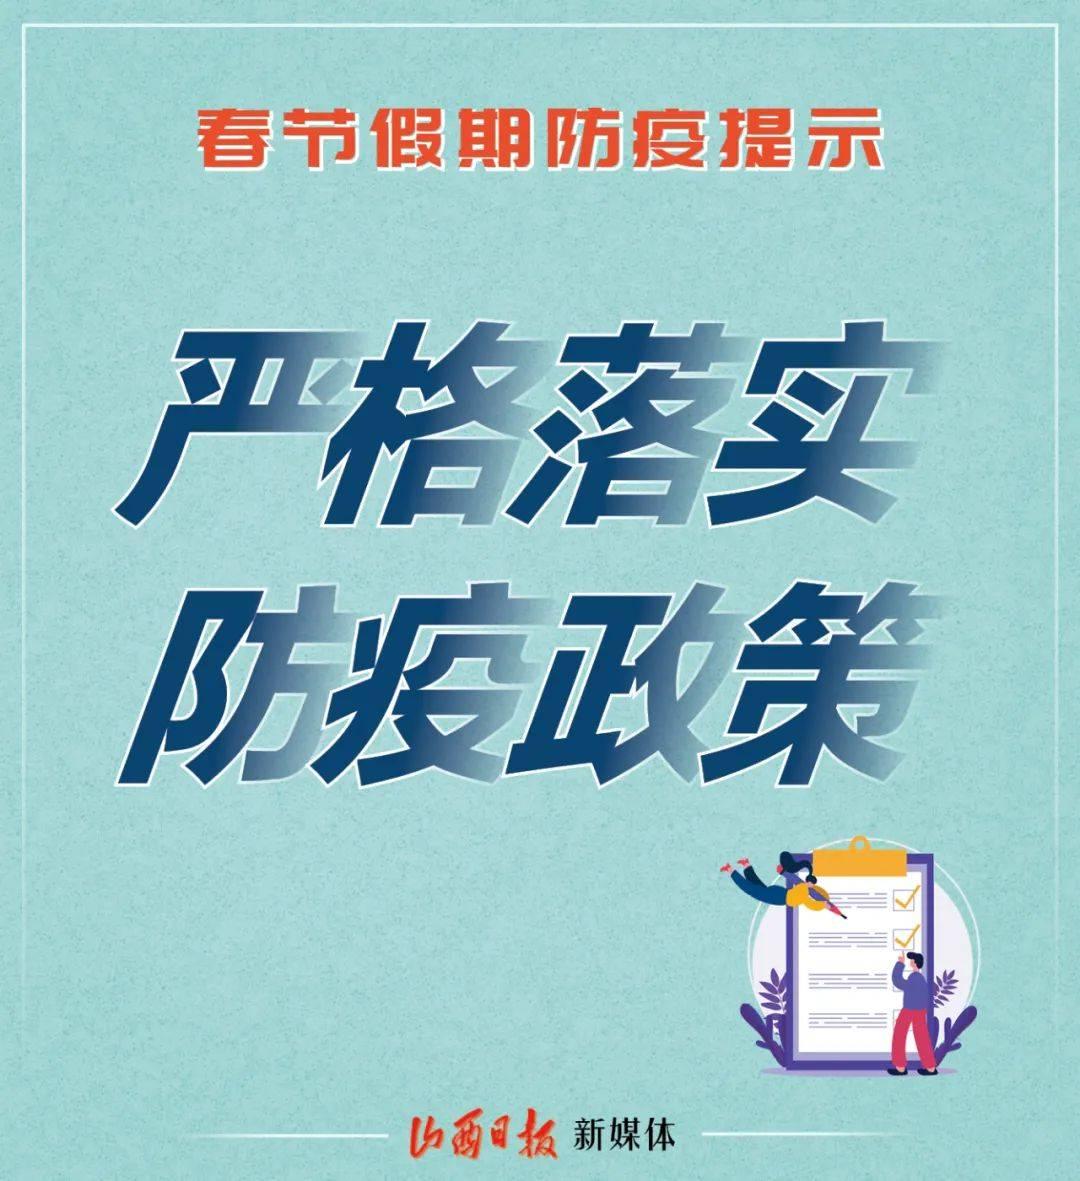 海报丨字不多,很重要!春节假期防控提示  第1张